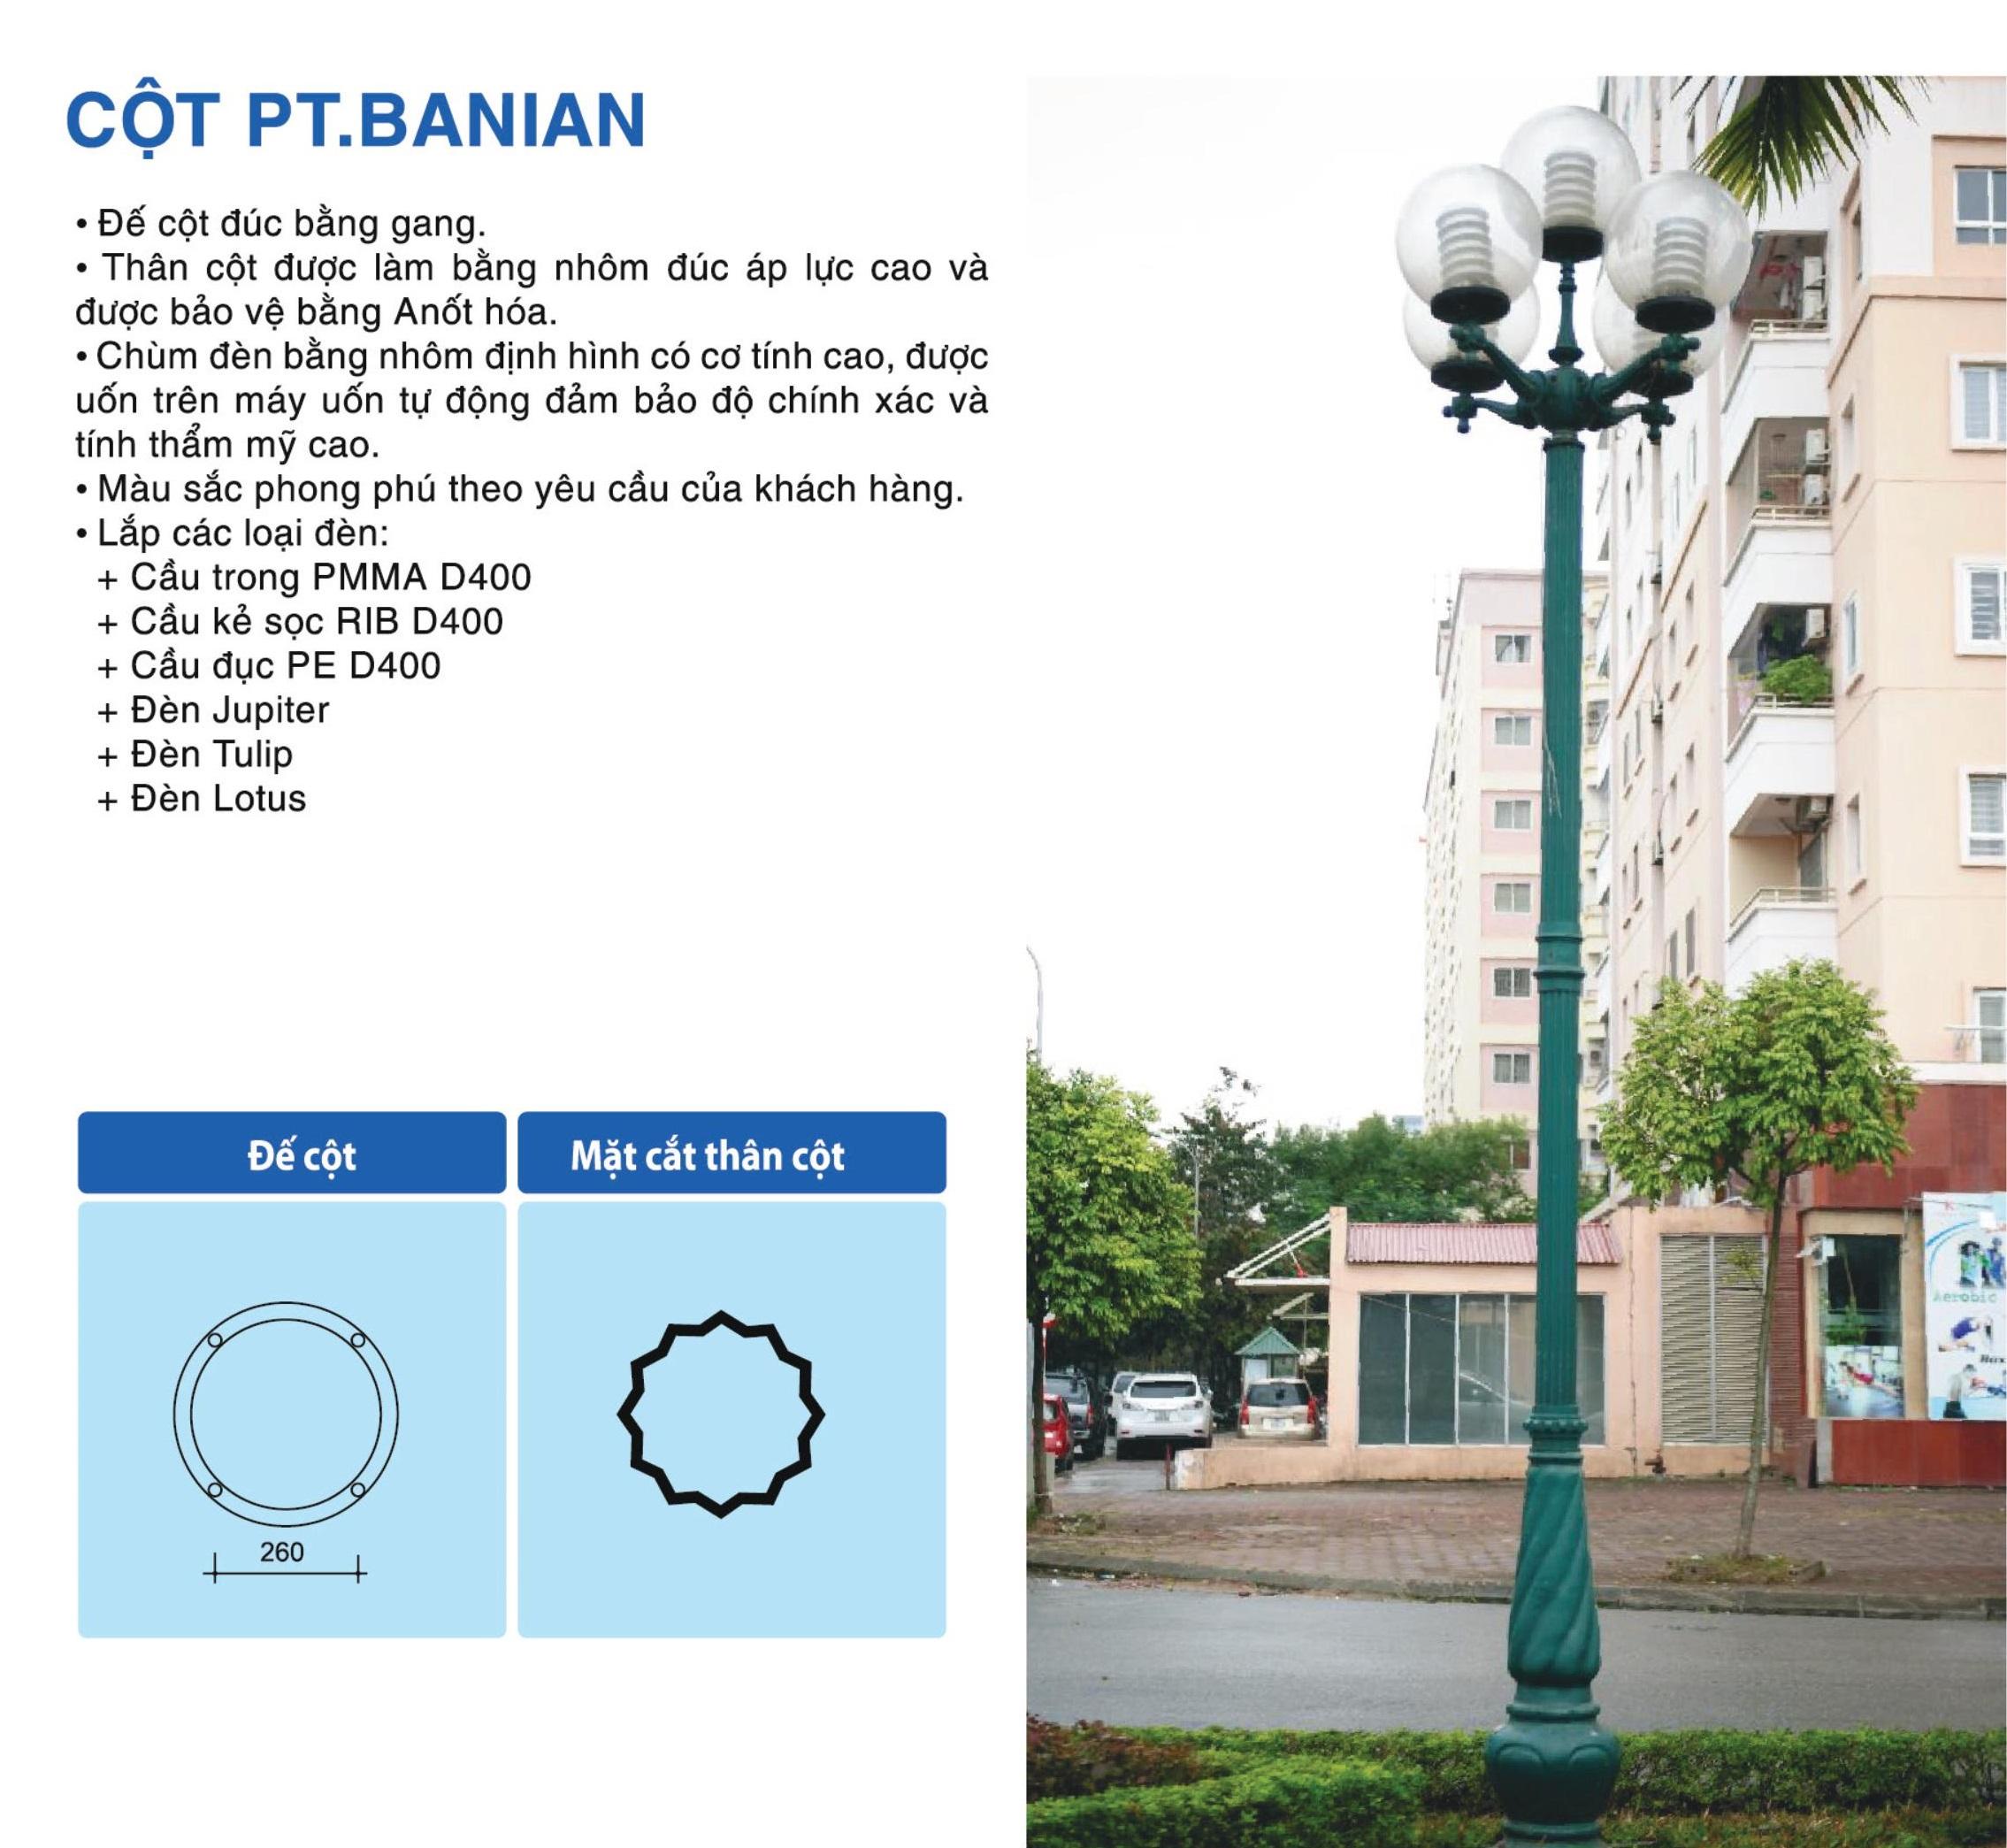 cot-pt-banian